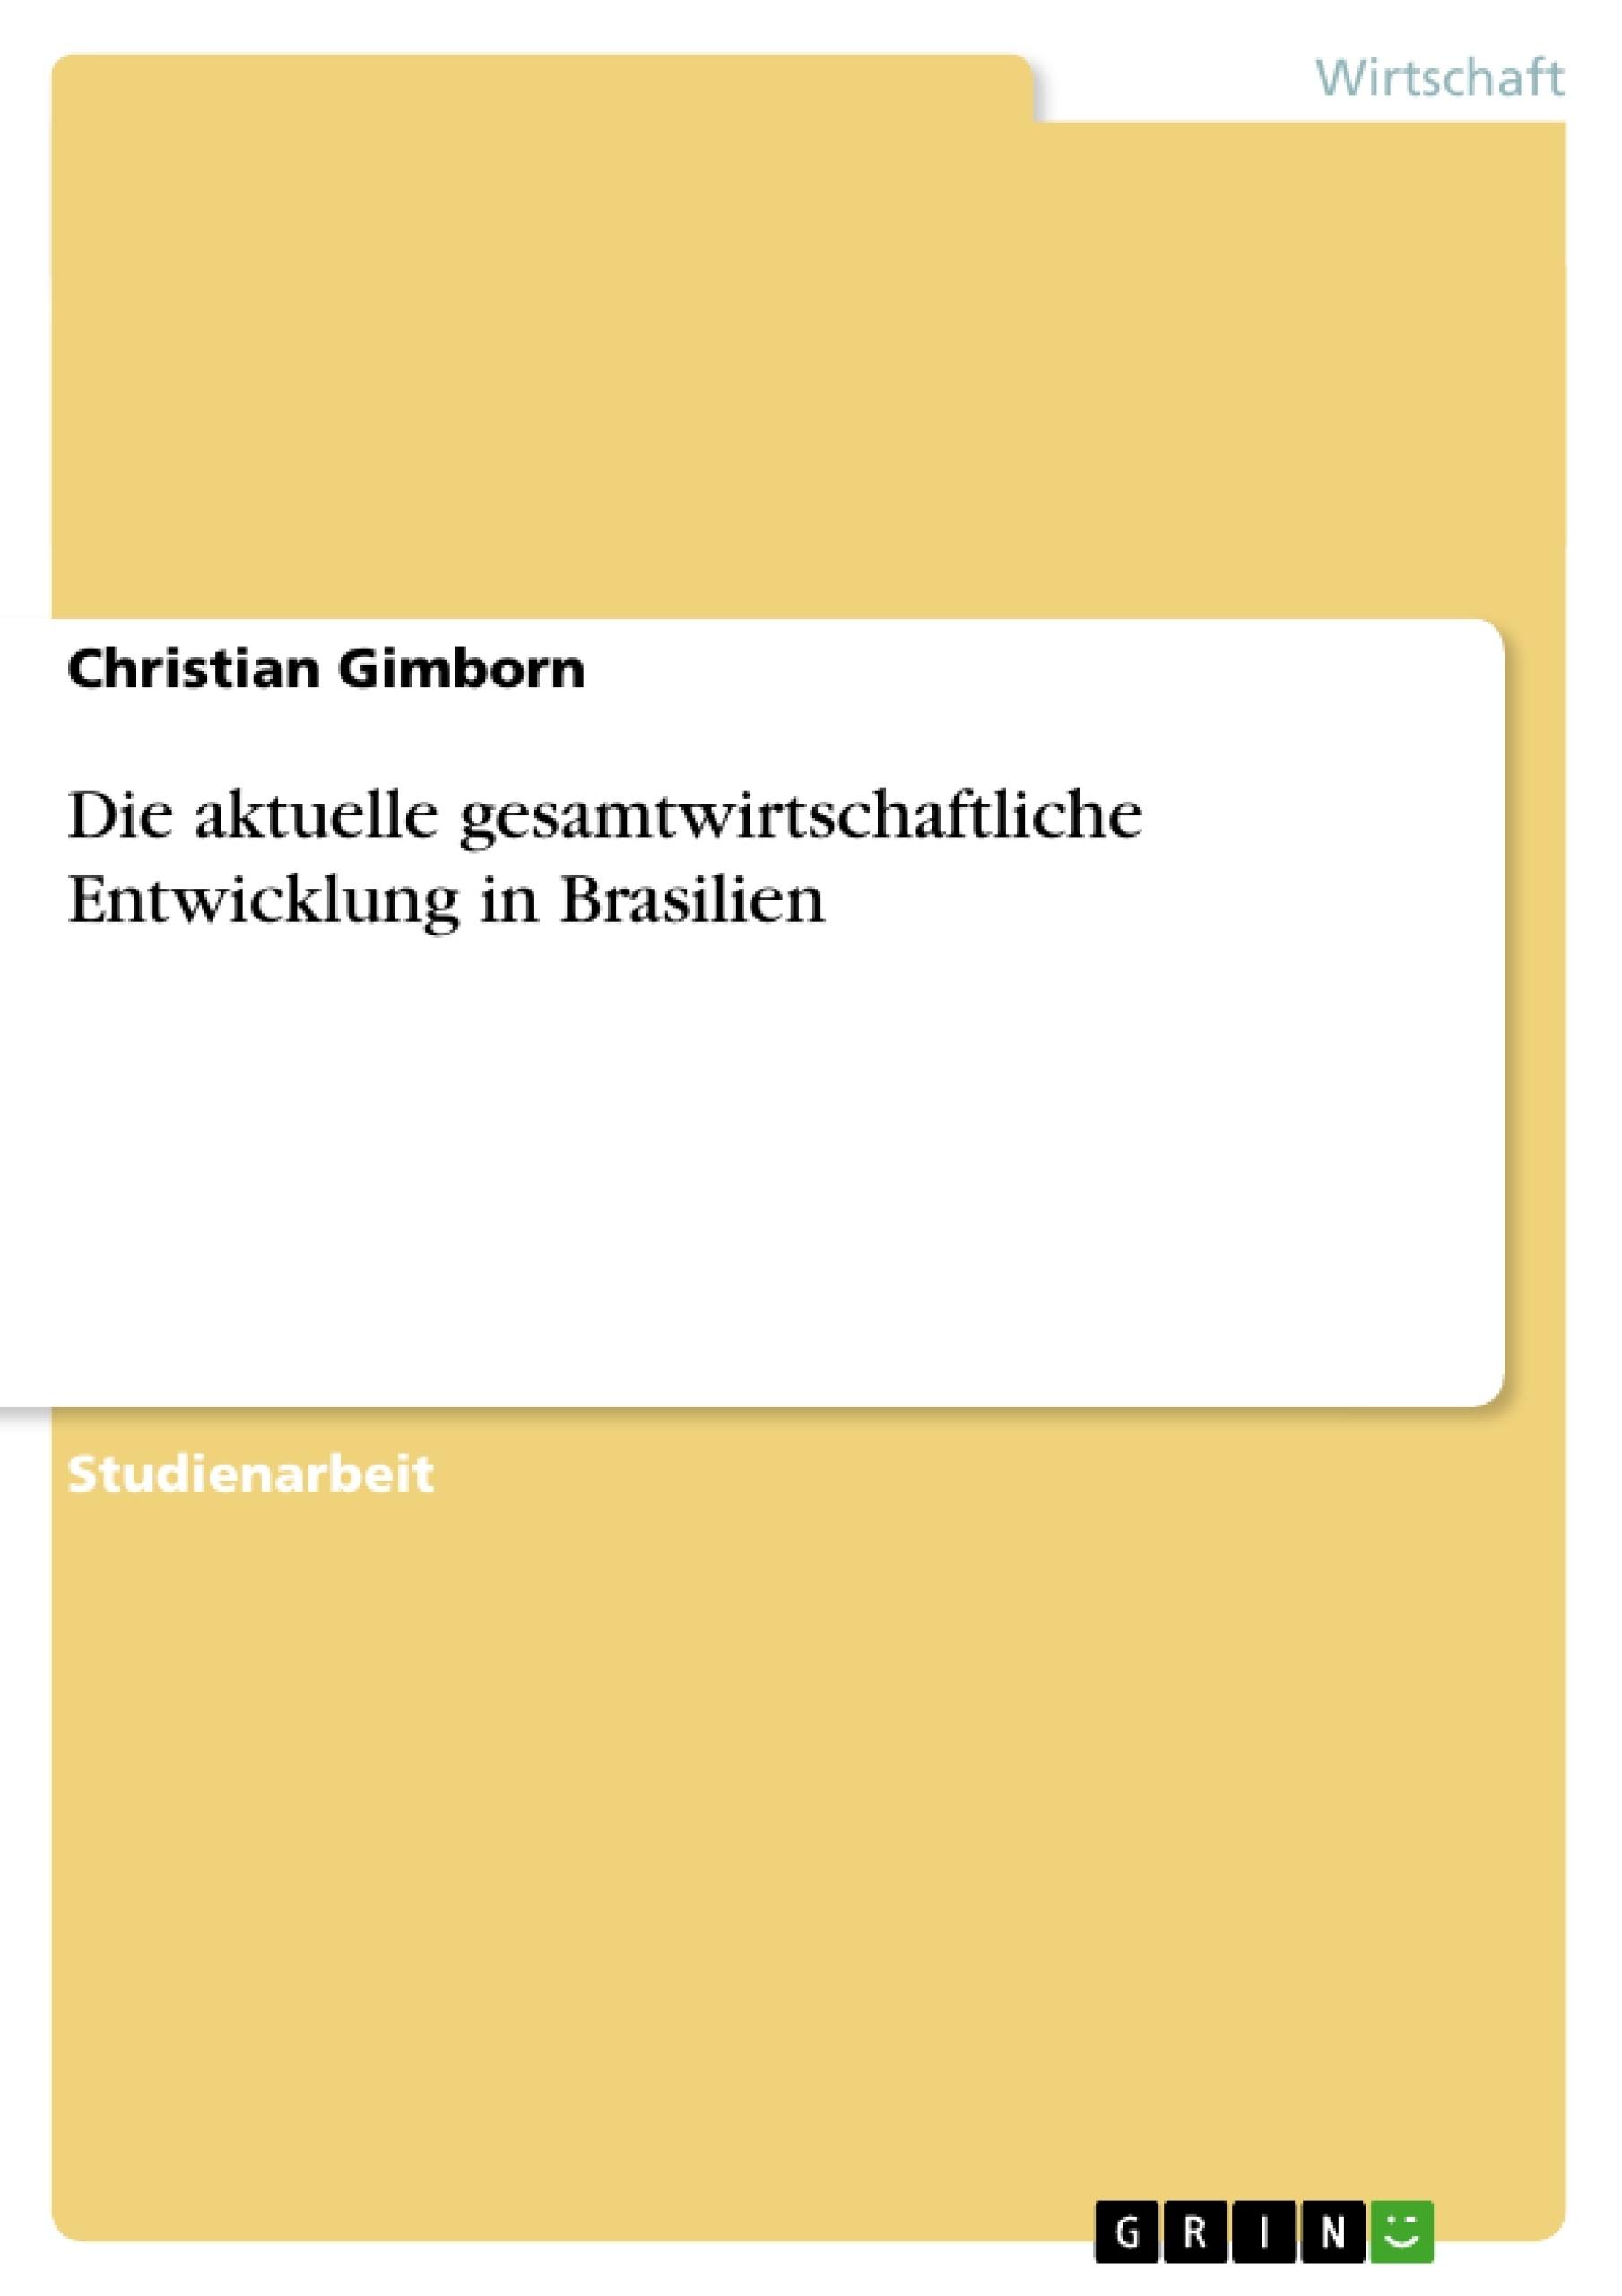 Titel: Die aktuelle gesamtwirtschaftliche Entwicklung in Brasilien